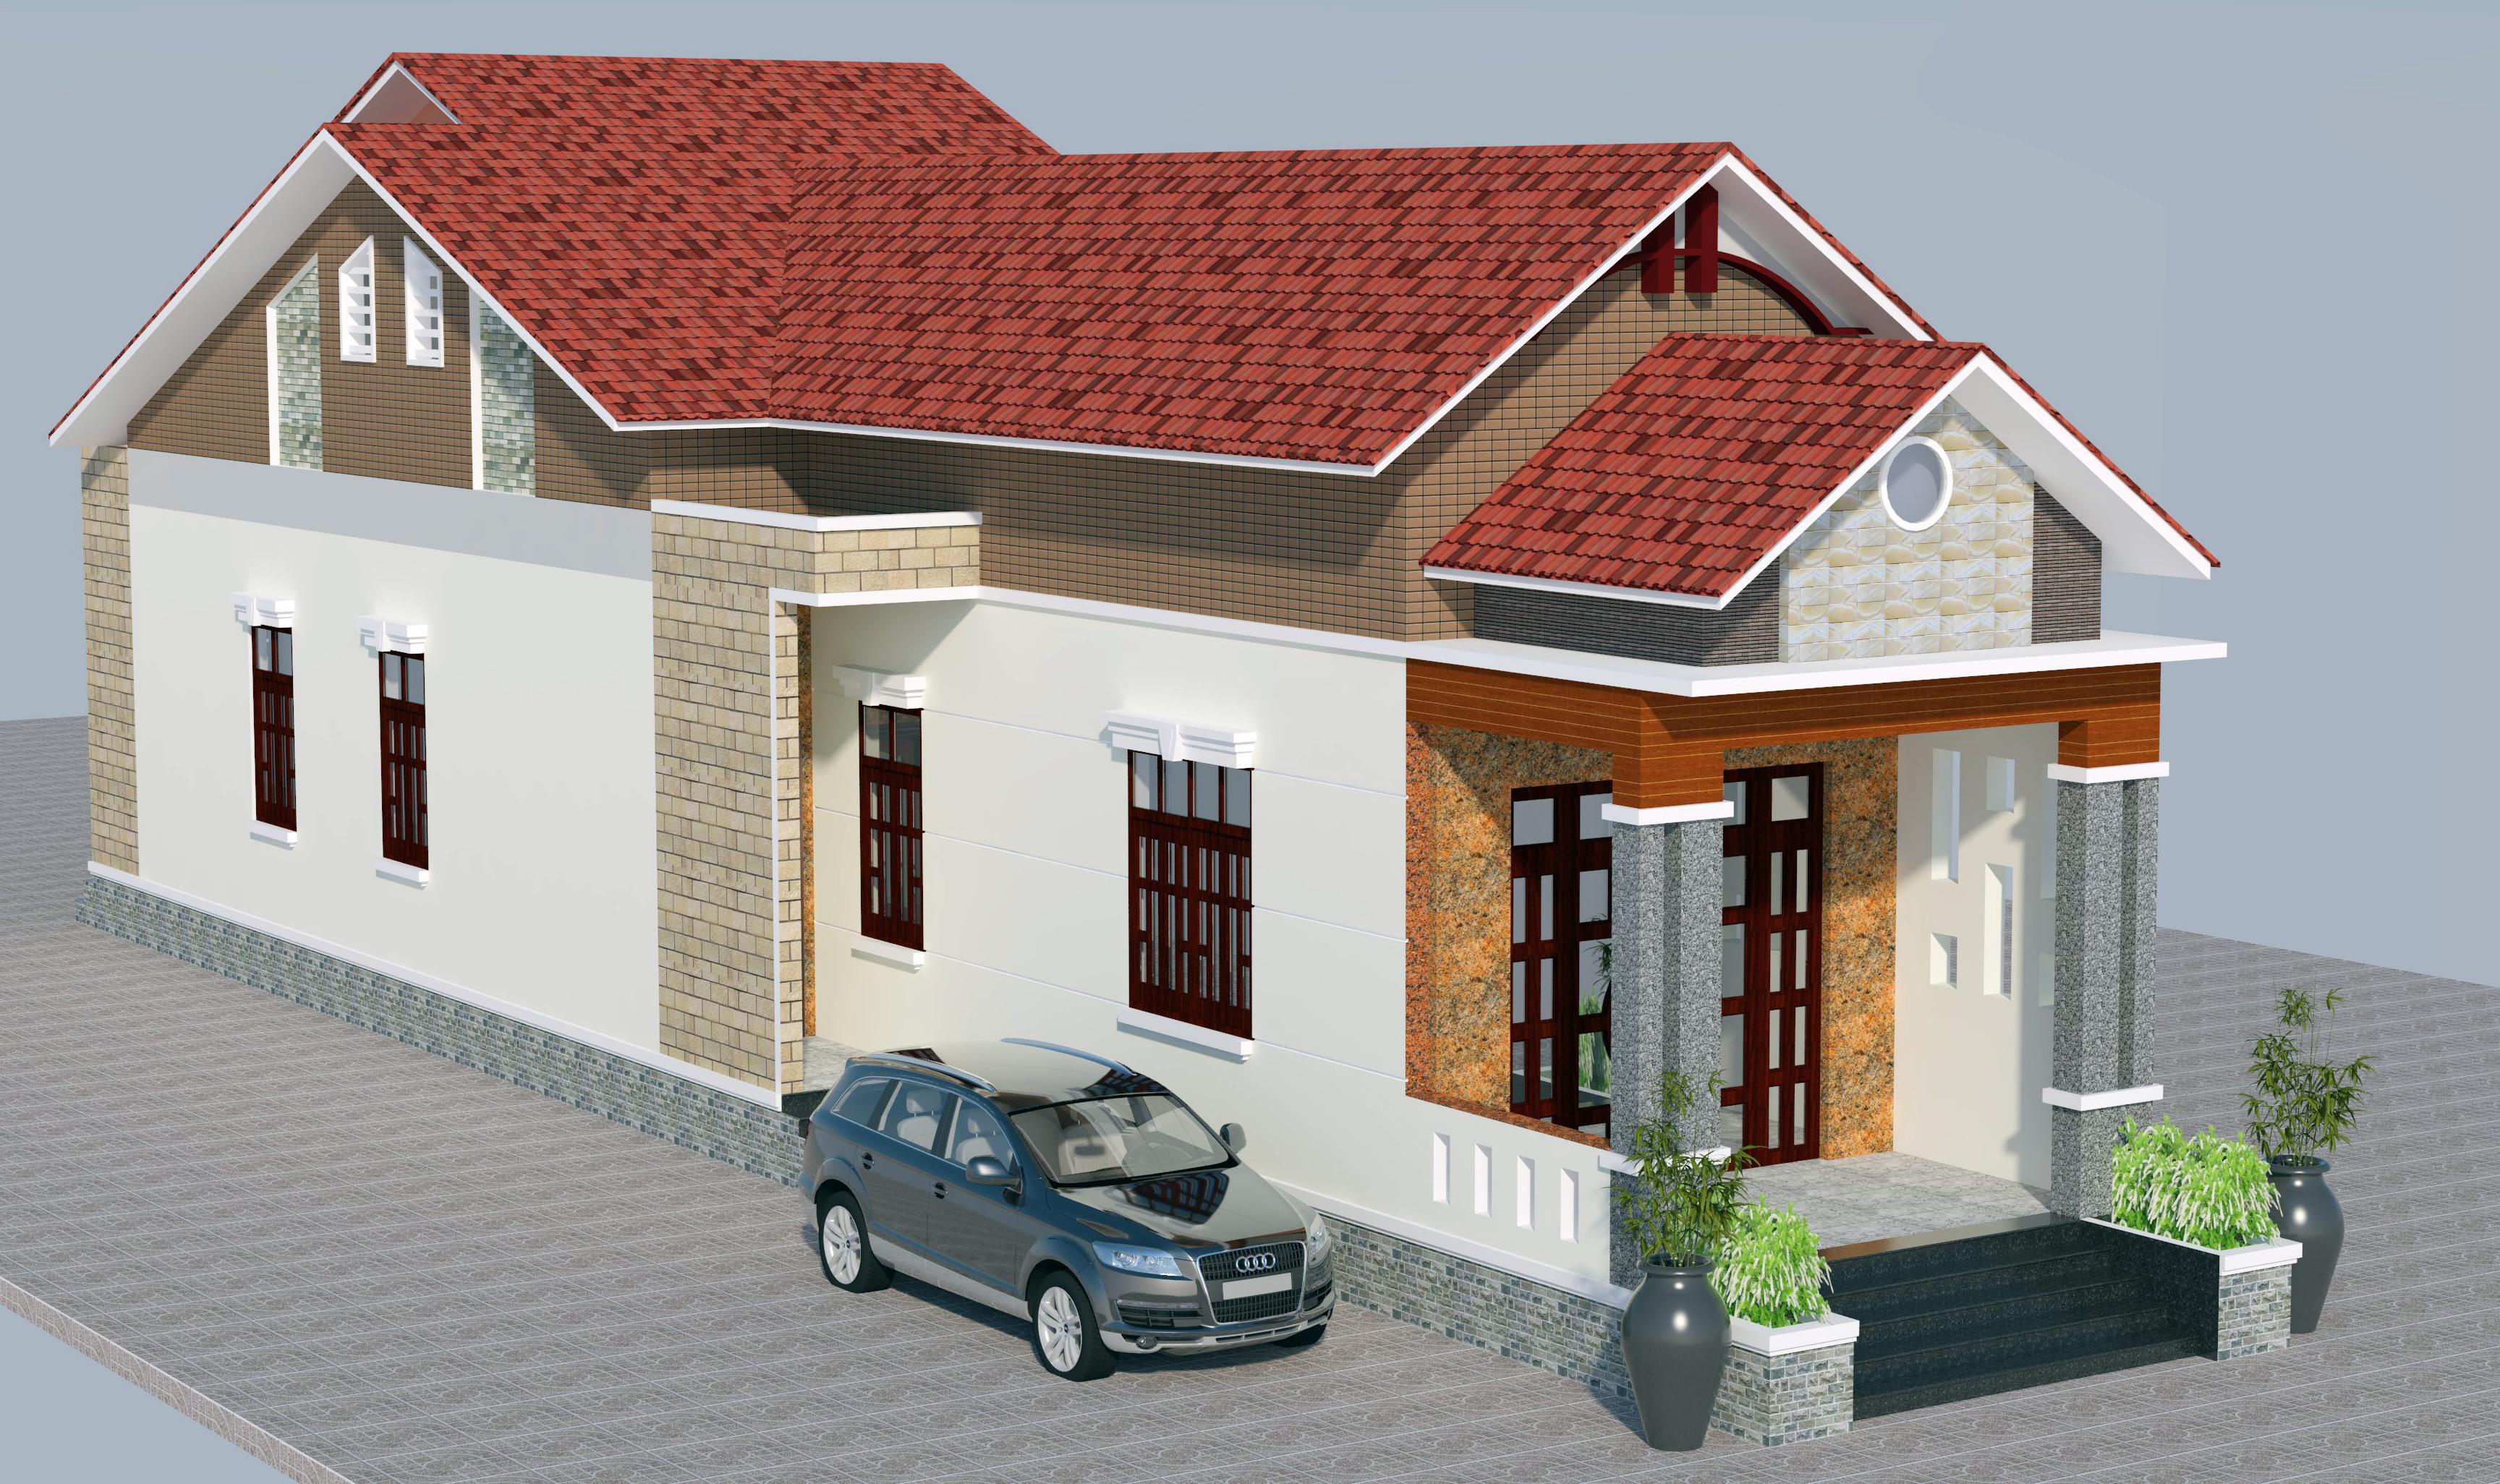 Tại sao nhà mái tôn đang là xu hướng xây dựng hiện đại ?